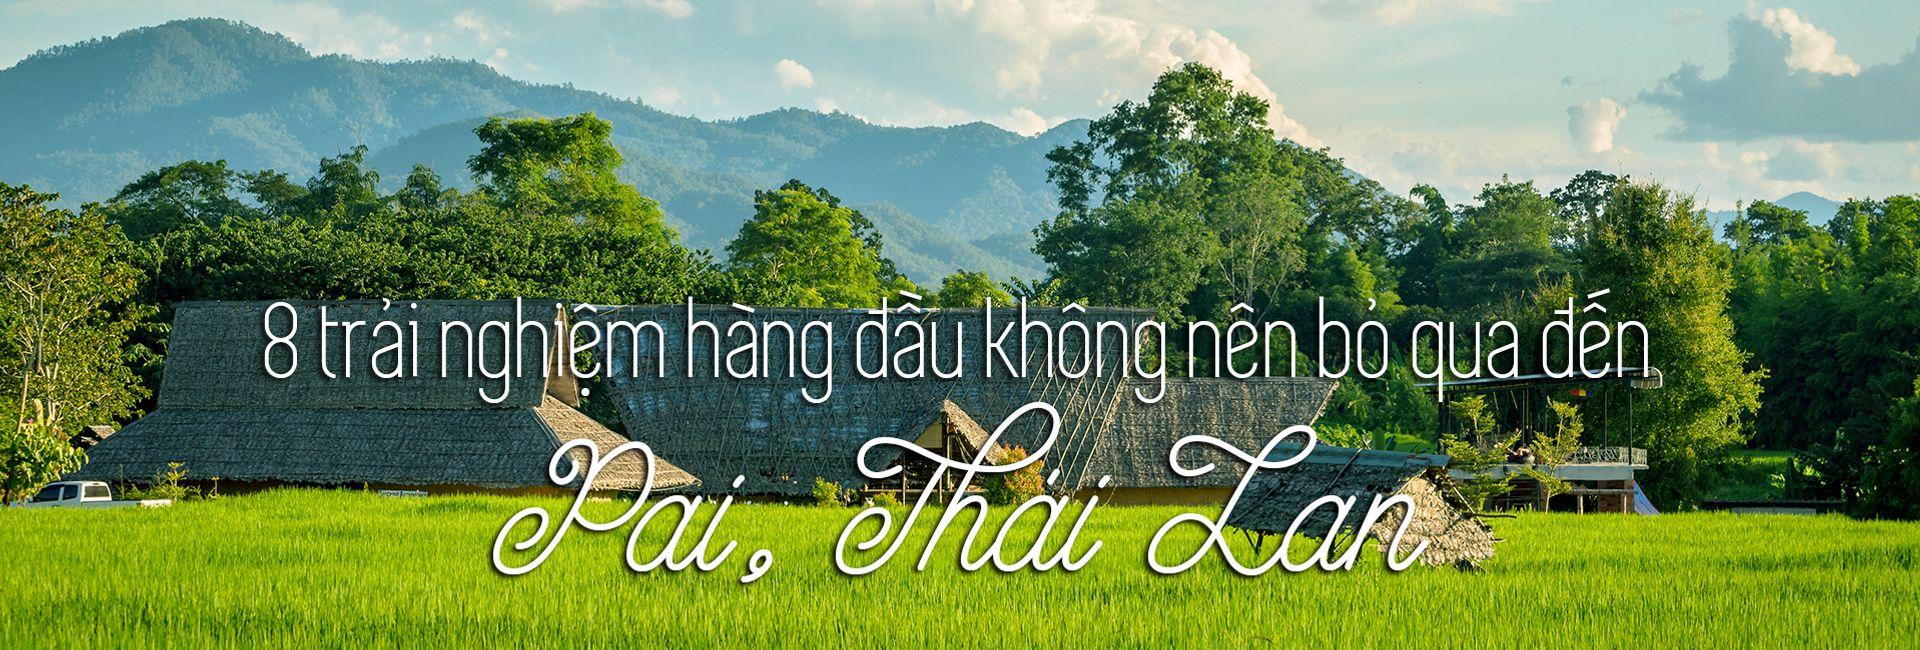 Top 8 trải nghiệm thú vị nhất ở Pai, Thái Lan